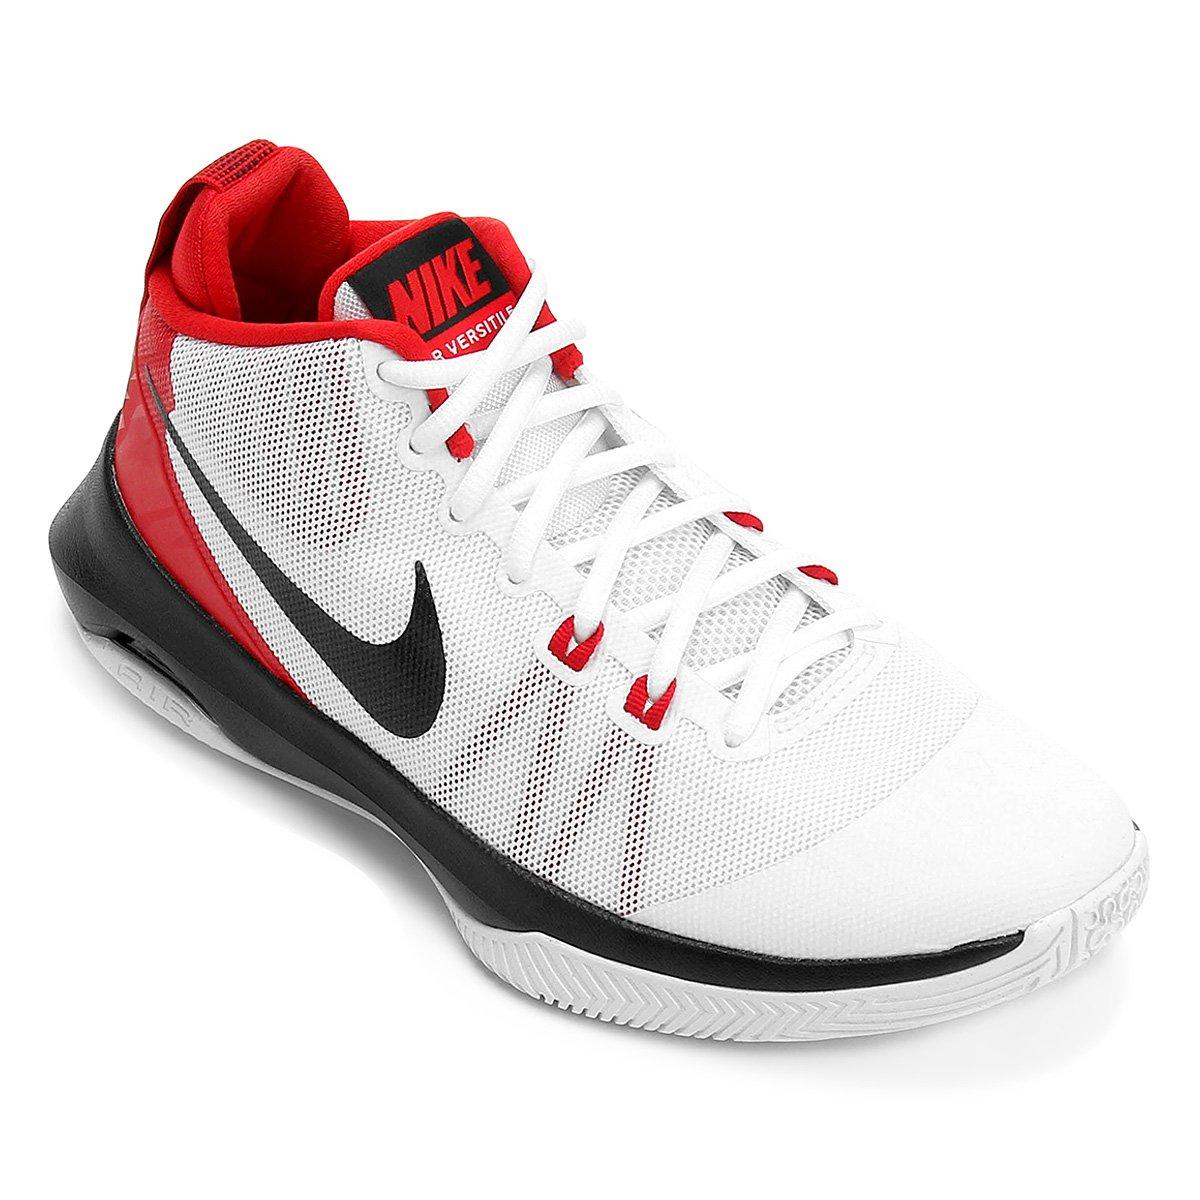 c7ddf92e3e8 Tênis Nike Air Versitile Masculino - Branco e Vermelho - Compre Agora